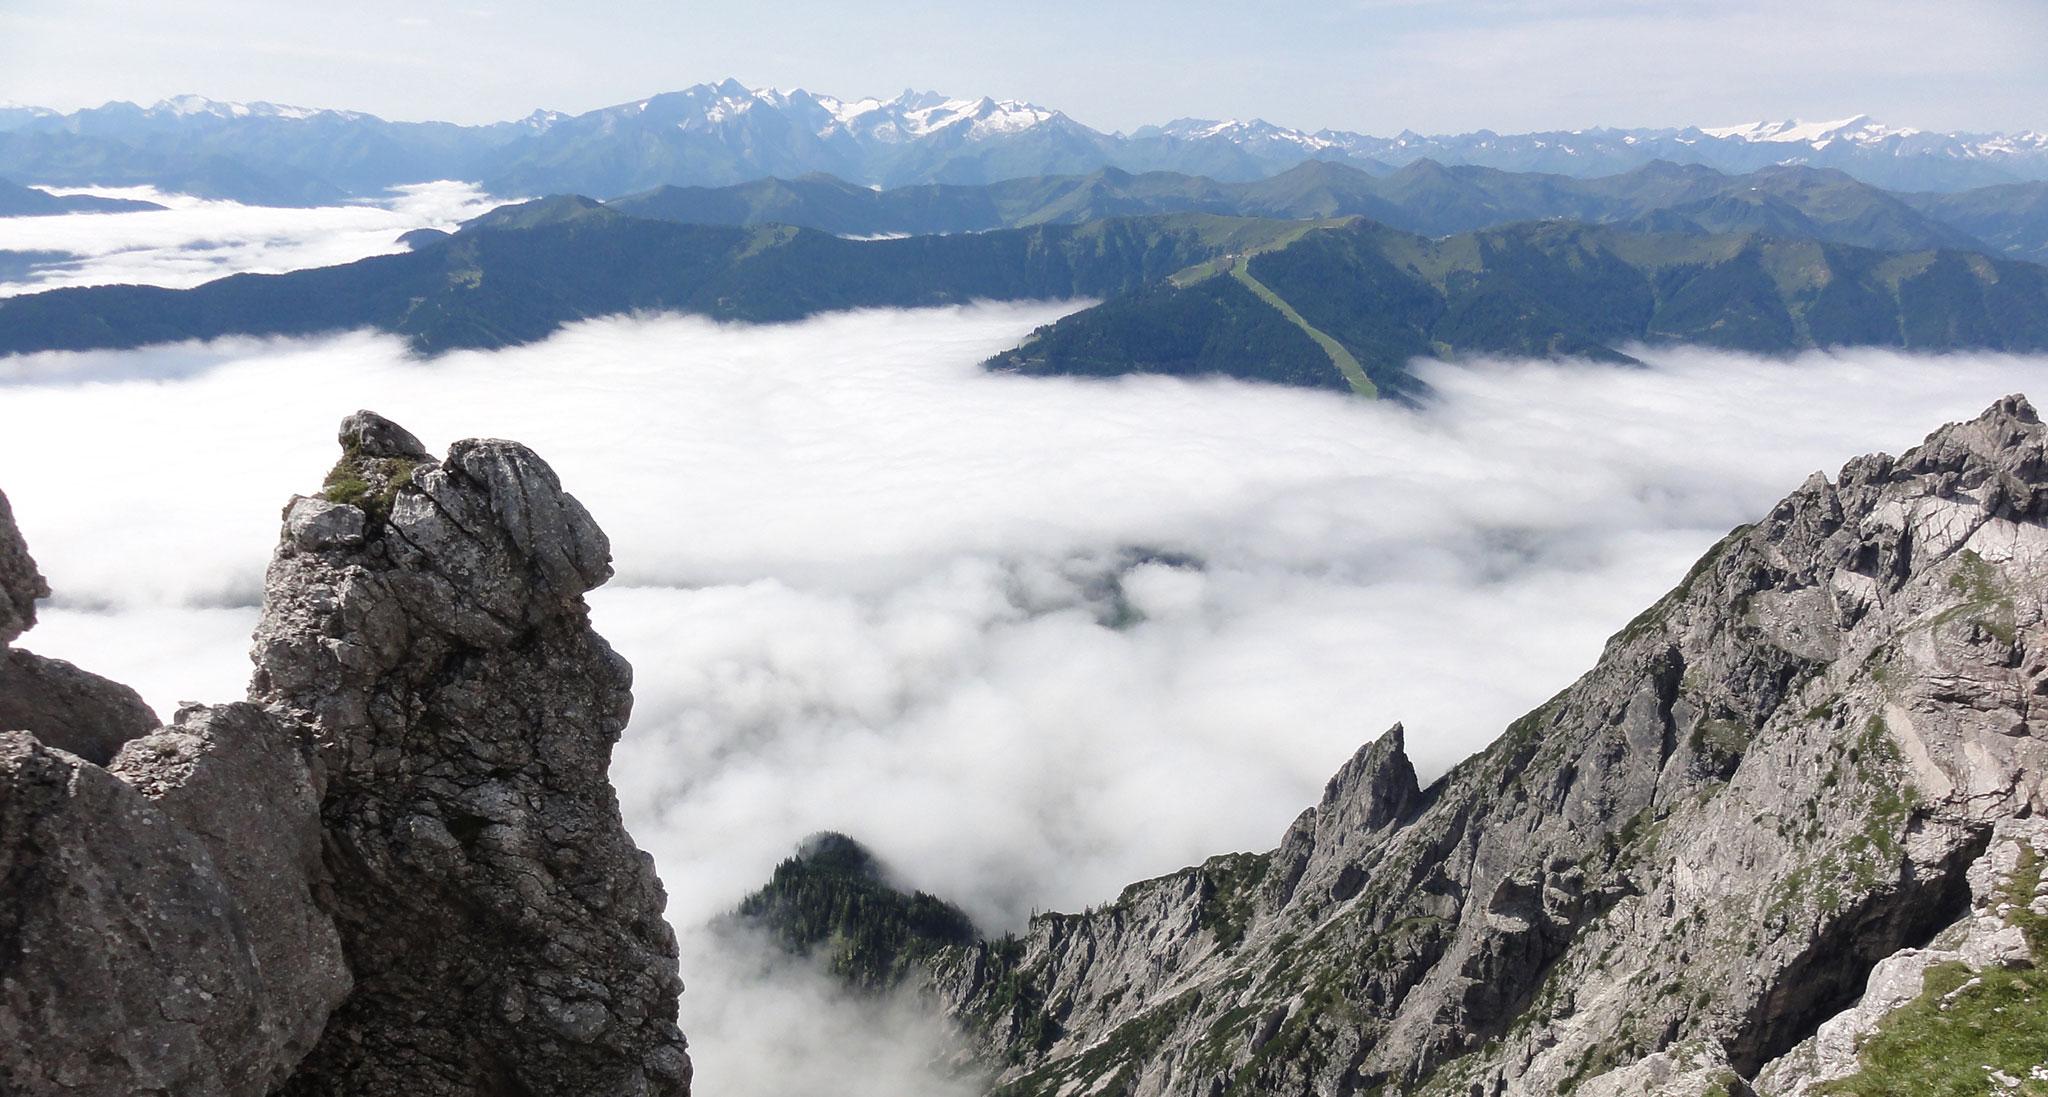 Arnoweg: Großartige Aussicht über dem Wolkenmeer bis zum Großglockner und Großvenediger am Alpenhauptkamm